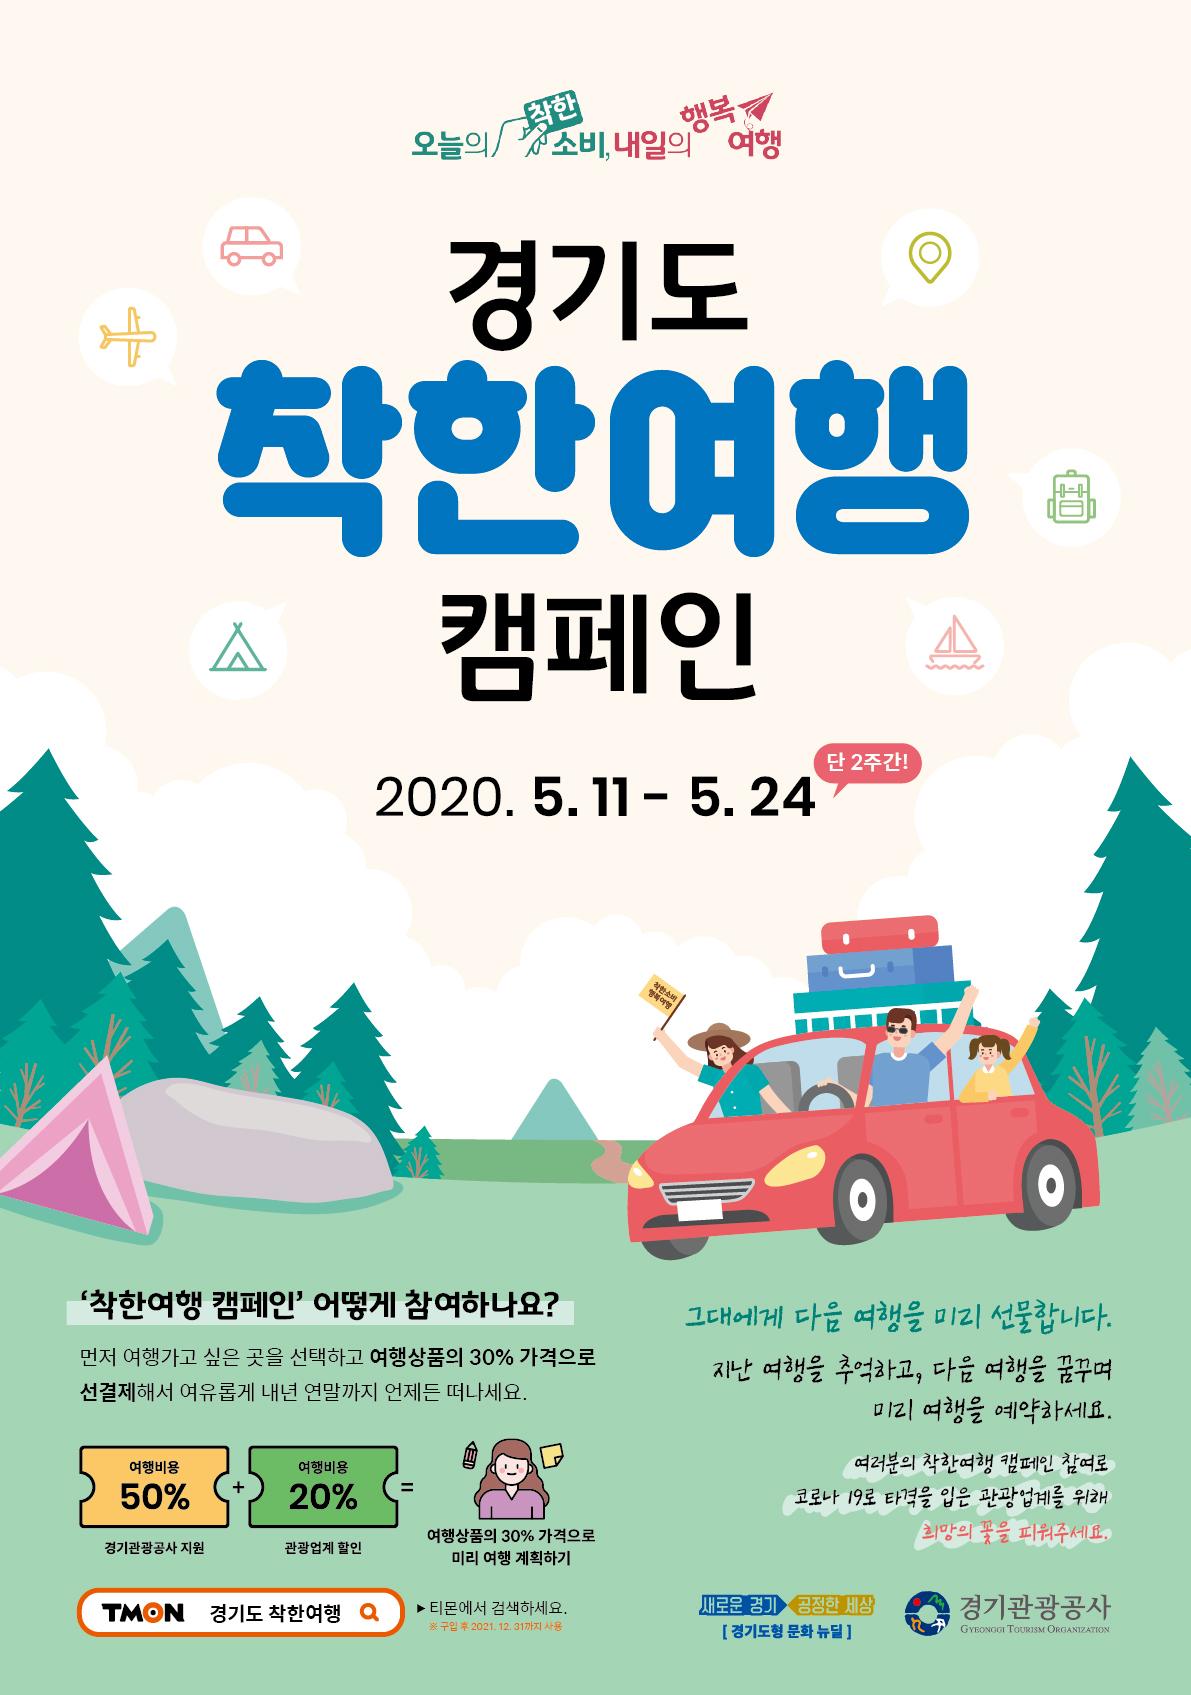 경기도 착한여행 캠페인 5월11일~24일 여행상품의 30% 가격으로 미리 여행 계획하기